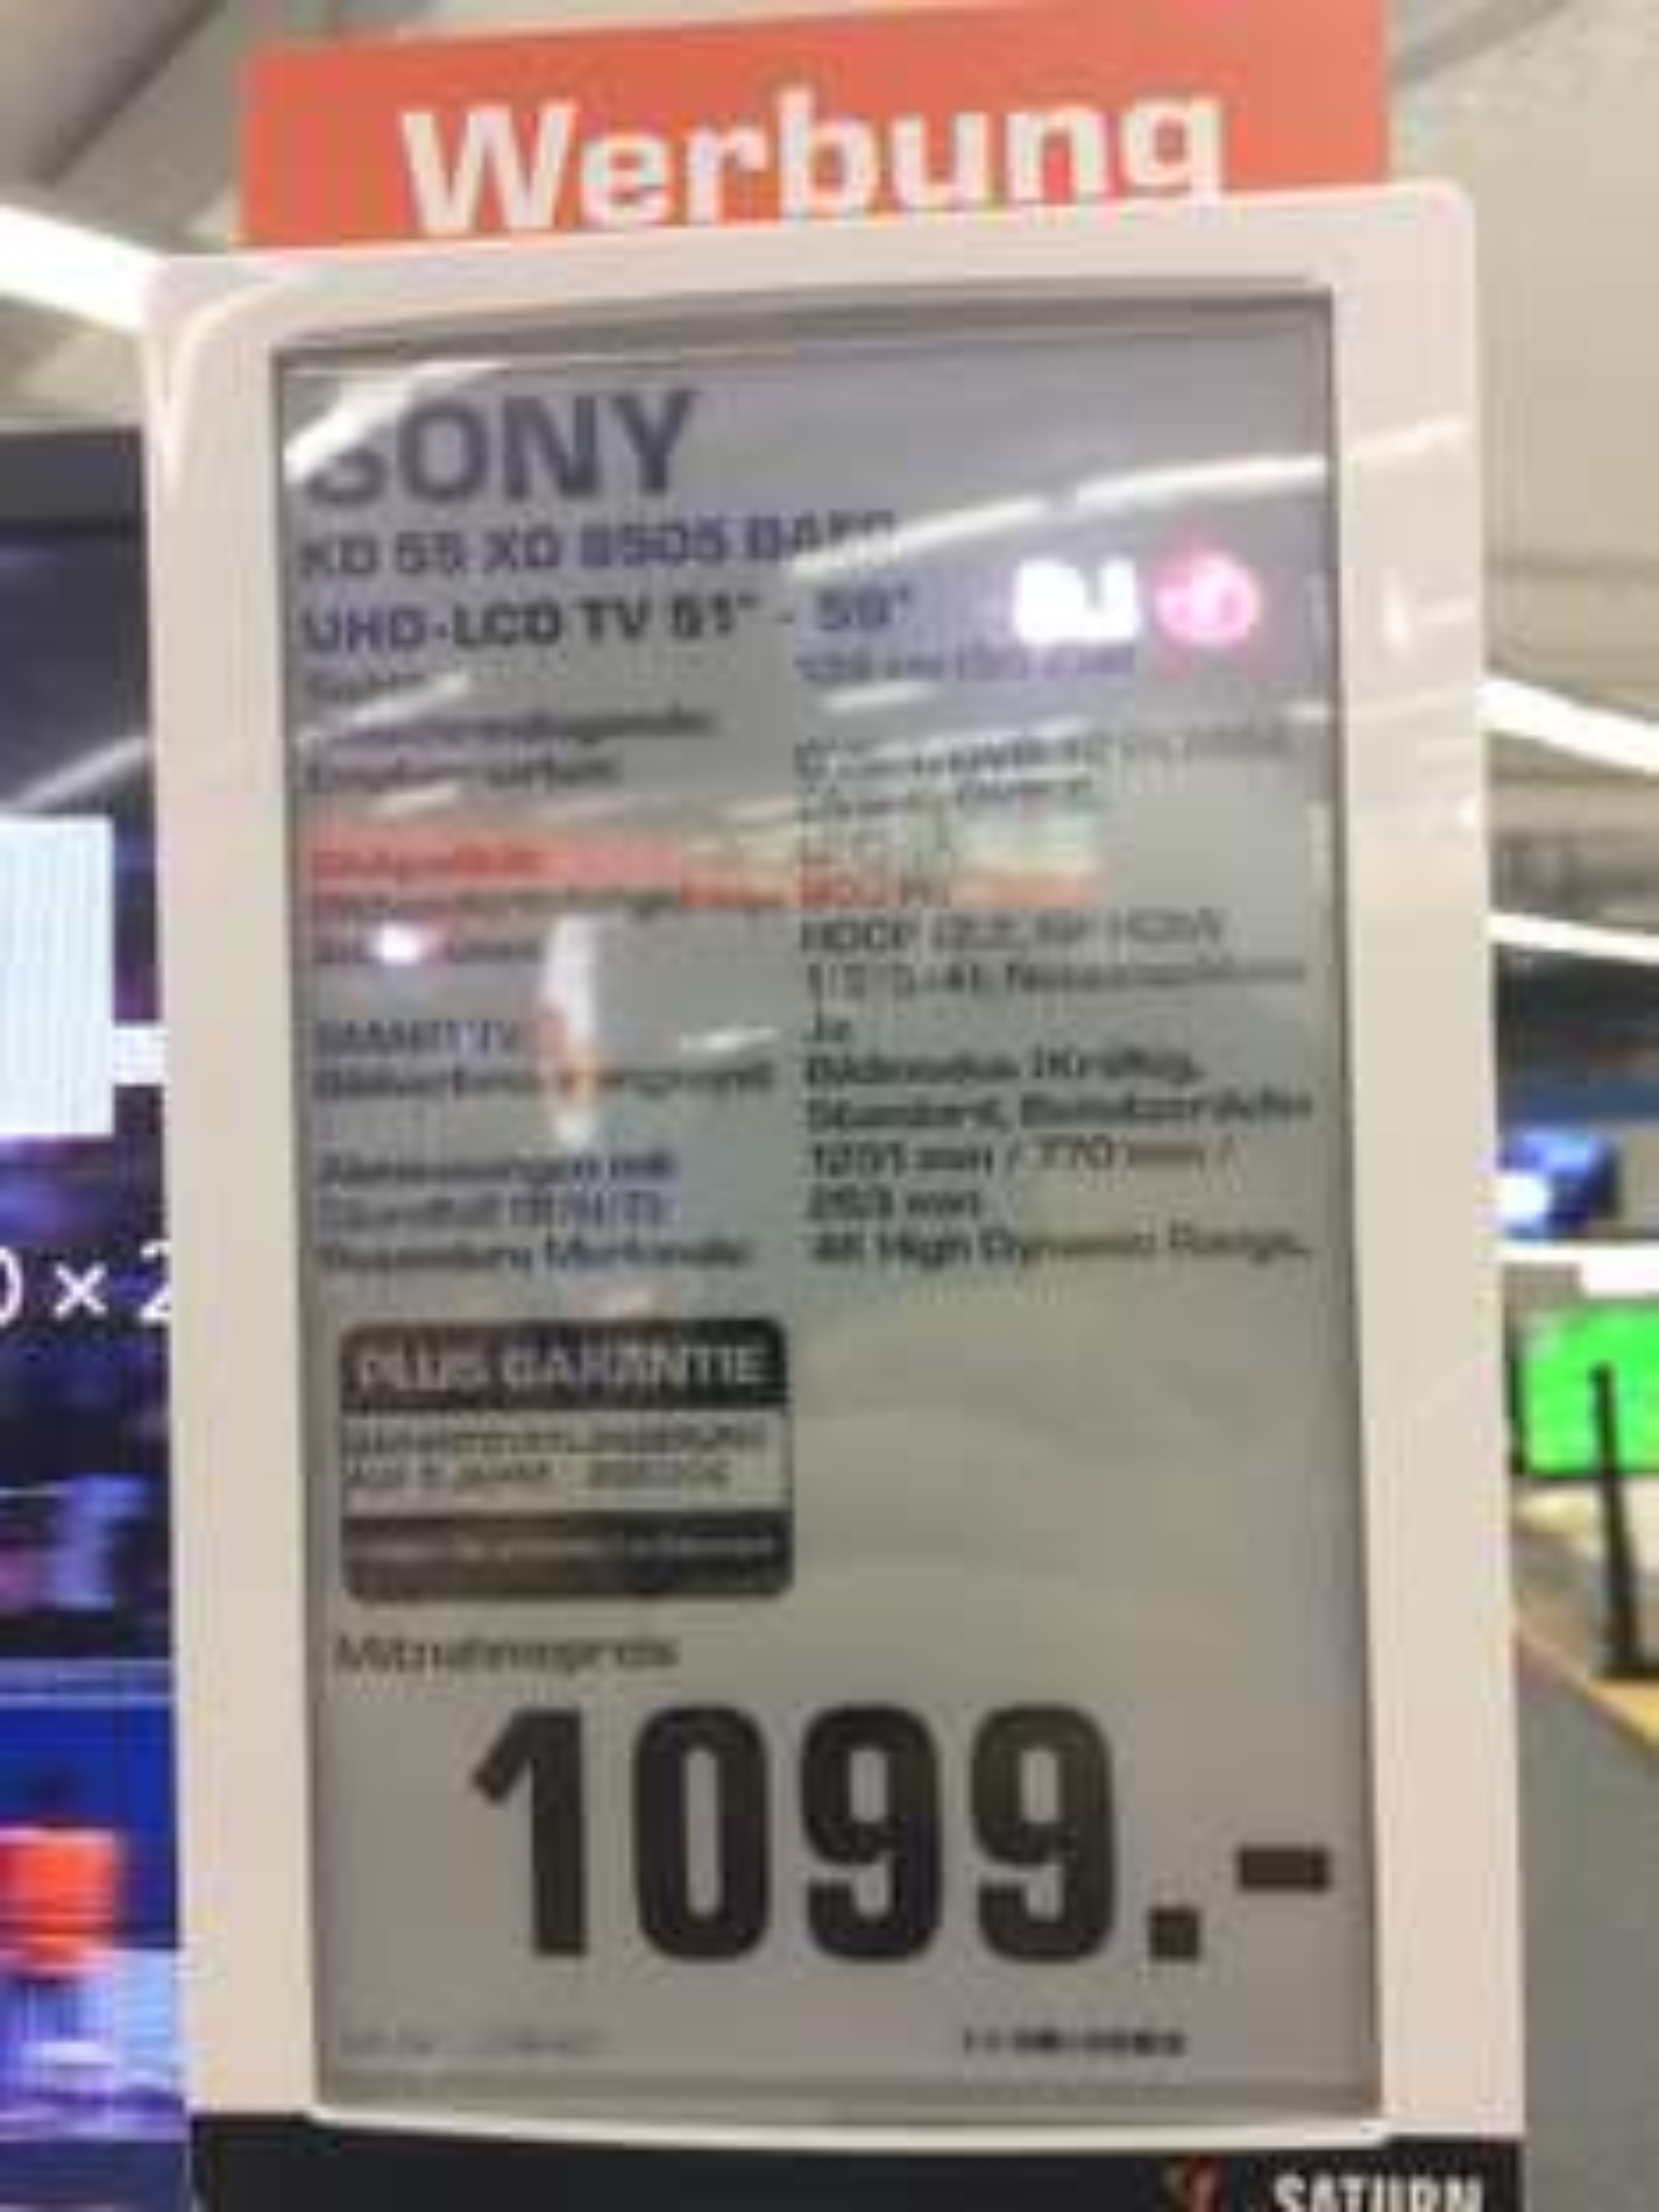 SONY KD 55 XD 8505 KD55XD8505 für 1099EUR im Saturn in Köln am Hansaring. Vergleichspreis 1299EUR.